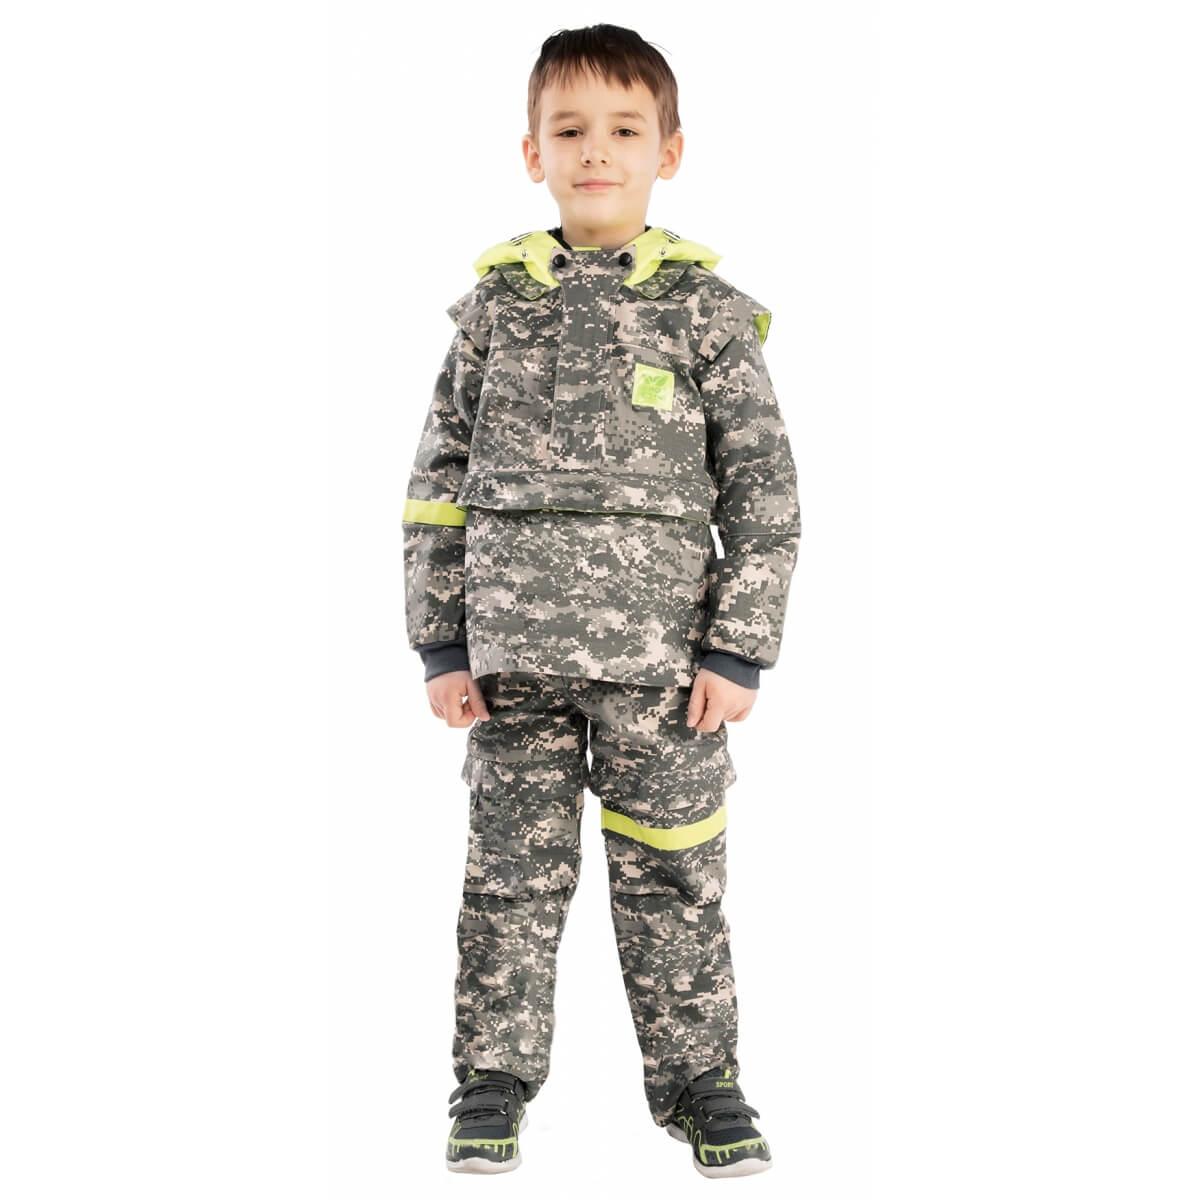 Детский костюм Биостоп® для дошкольников